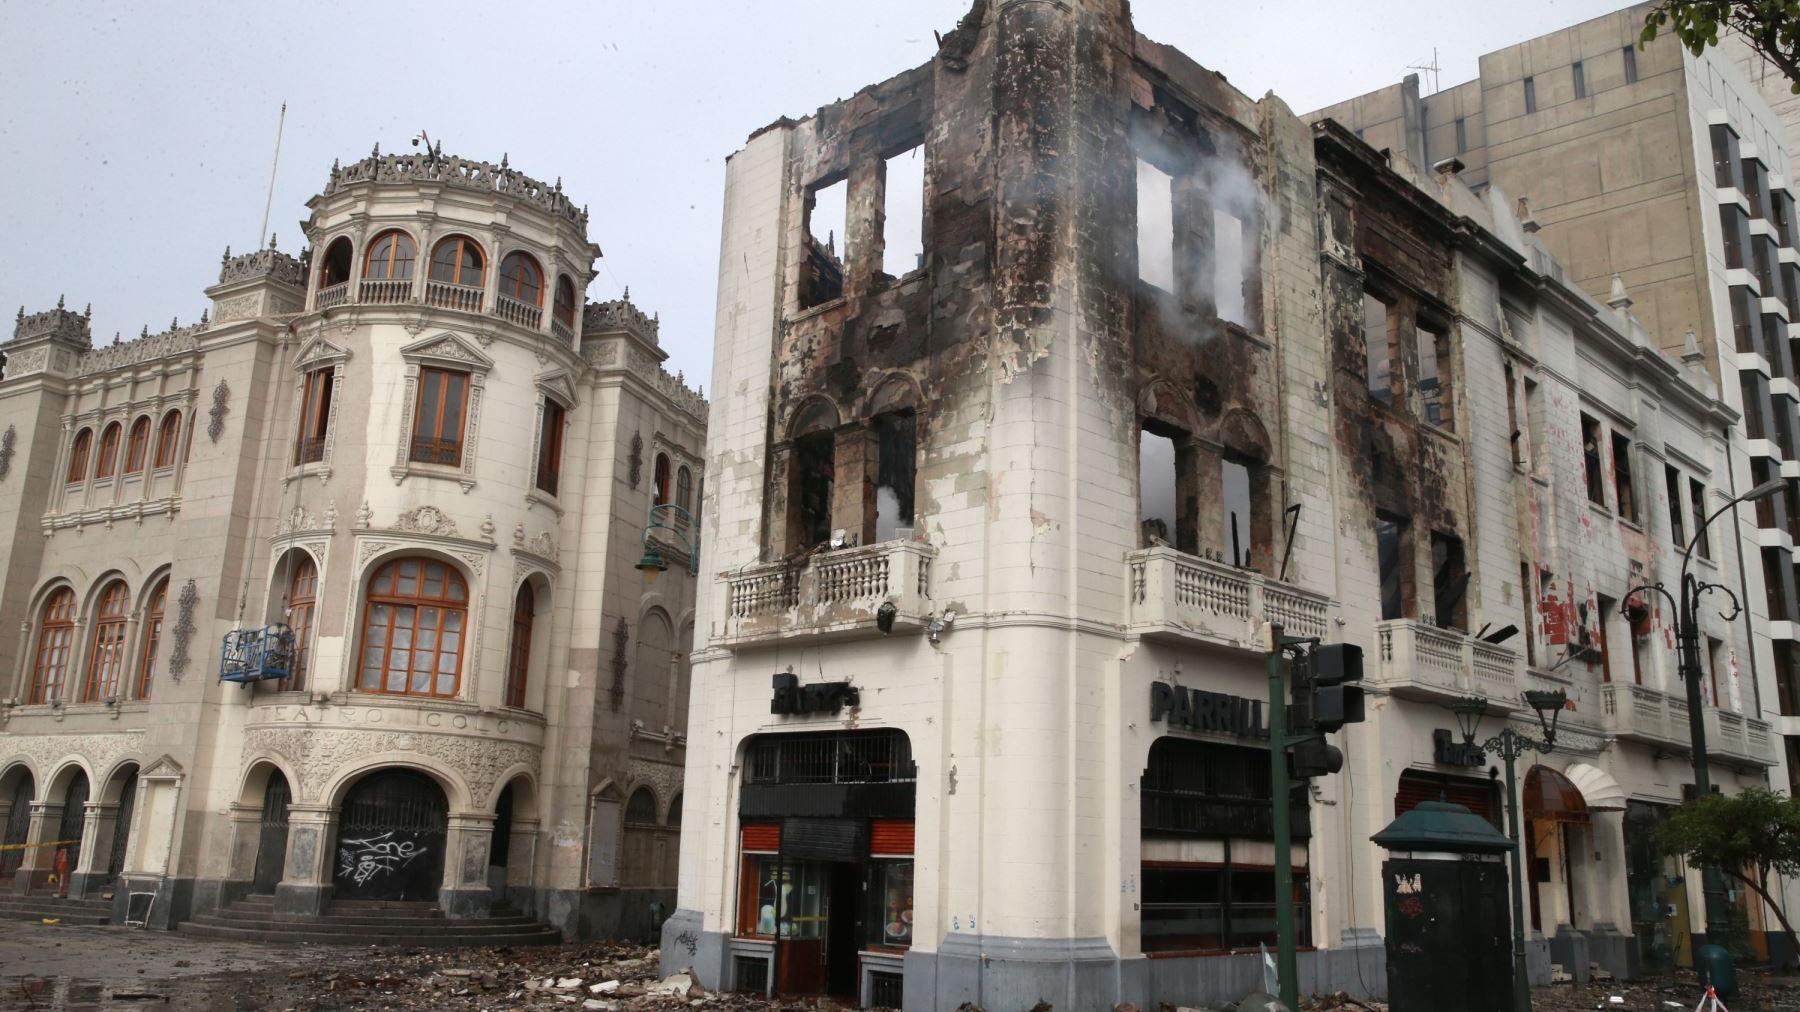 Así se encuentra el Hotel Libertador en estos momentos. Todavía quedan rezagos de fuego.